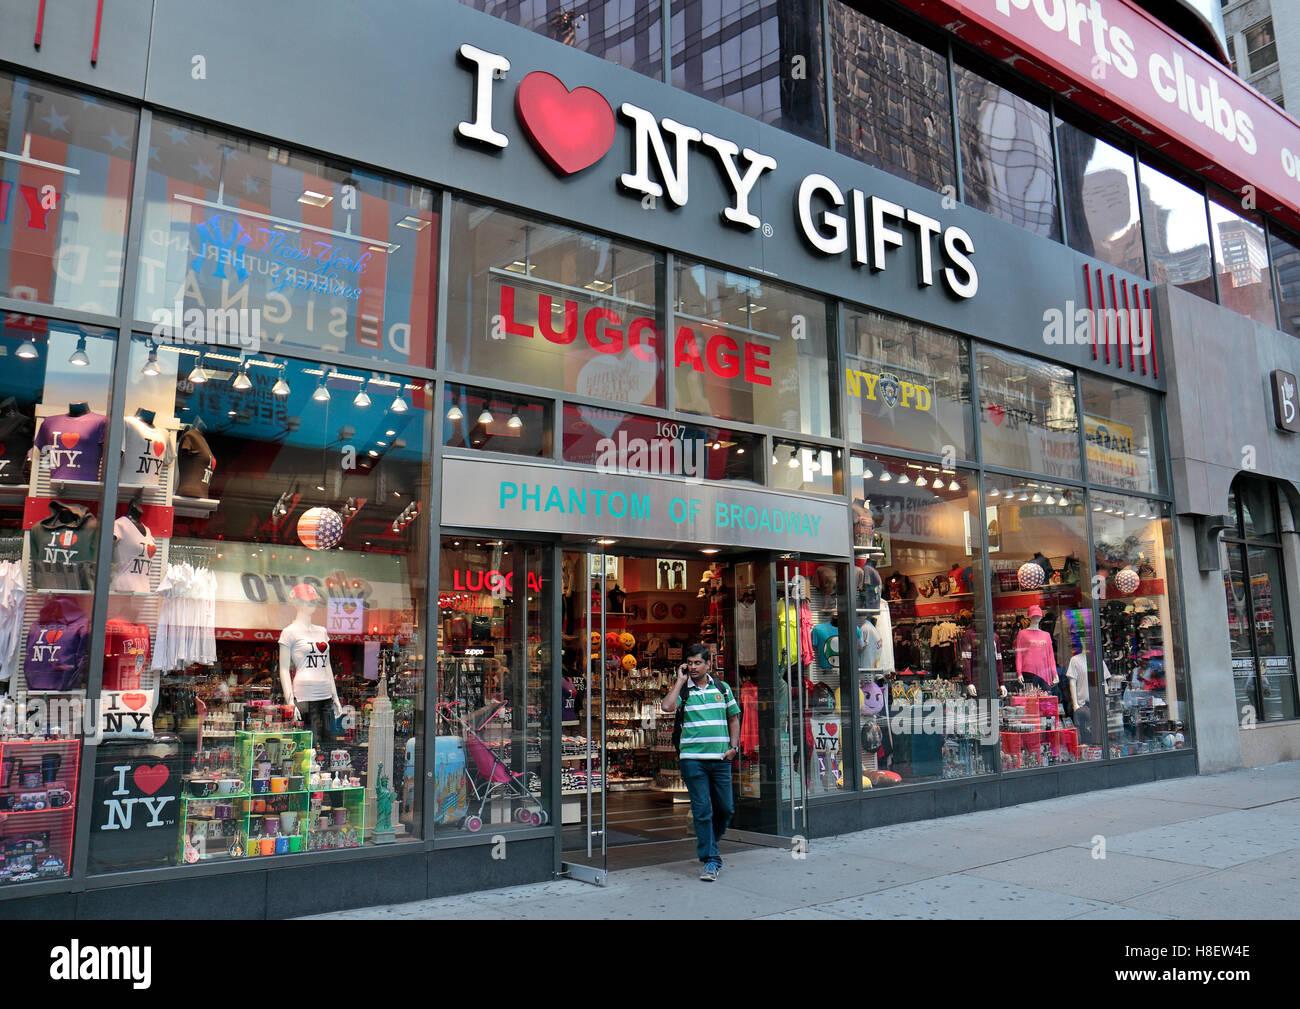 I Love Ny Immagini   I Love Ny Fotos Stock - Alamy 078ba229754e